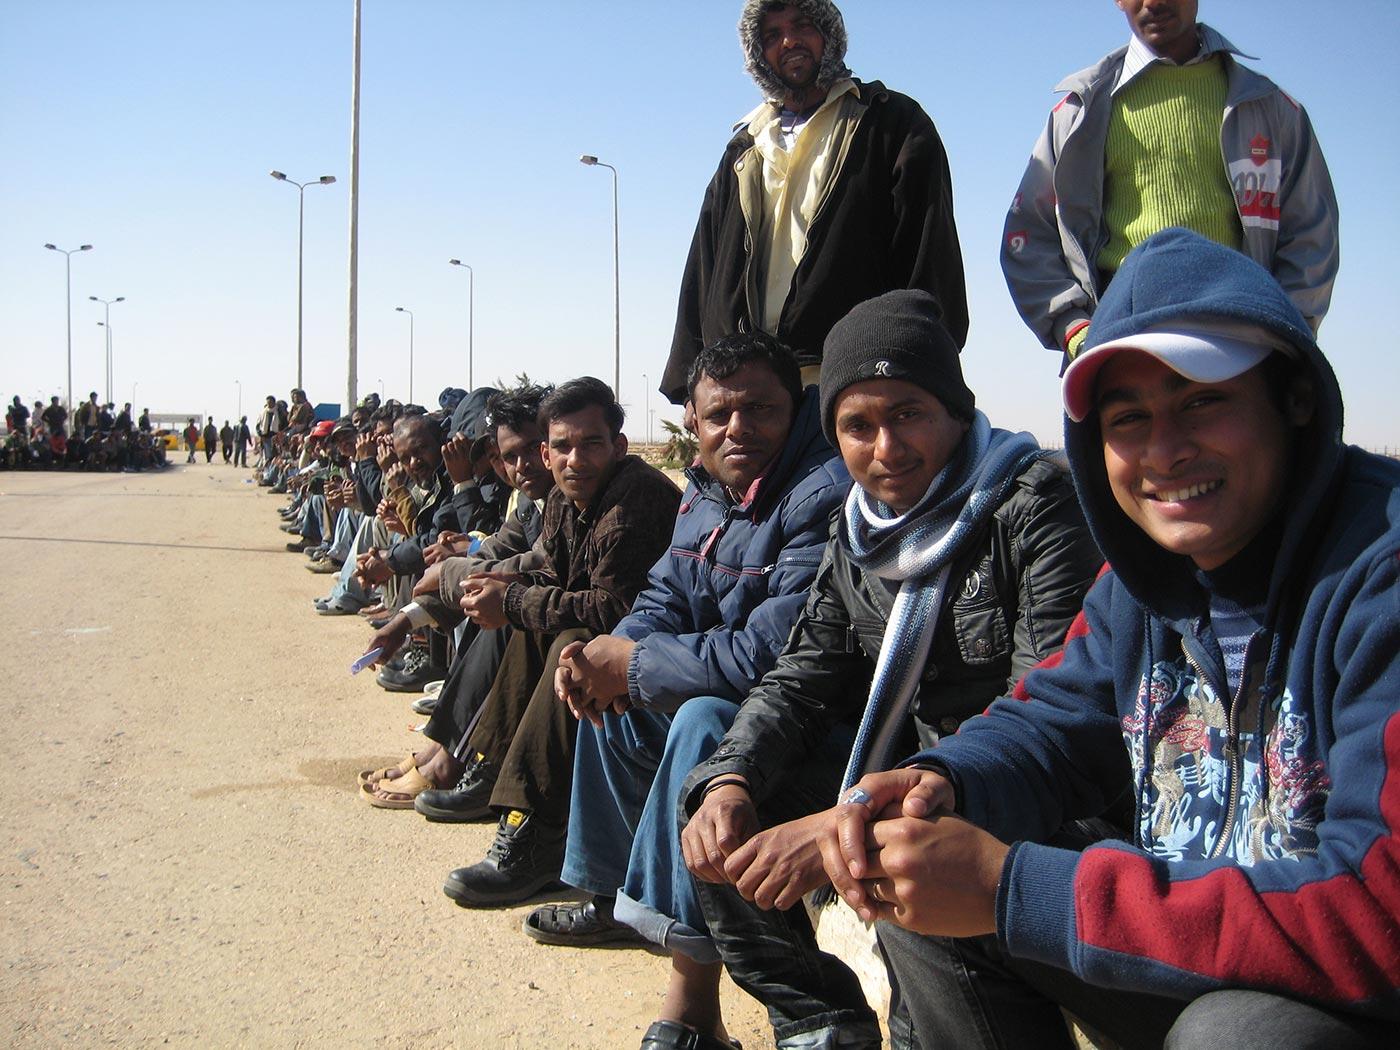 Lavoratori bengalesi sorridono tesi alla fotocamera, mentre attendono di essere rimpatriati. Foto CC UK DFID